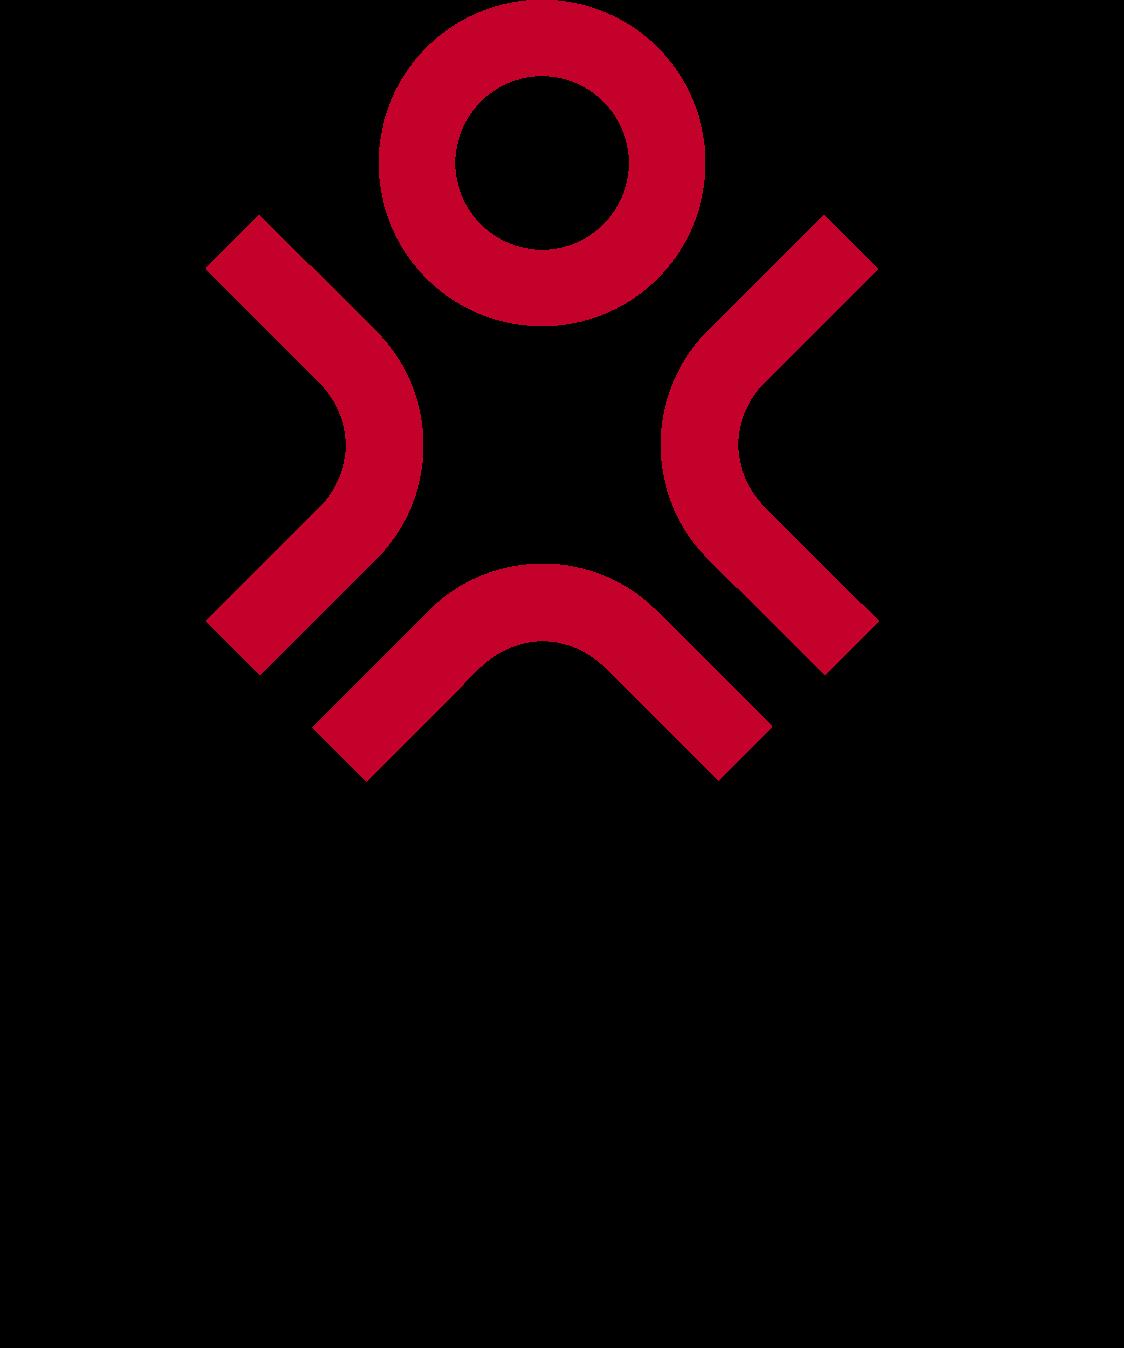 https://www.utbildningssidan.se/utbildning/vfx-artist-xenter